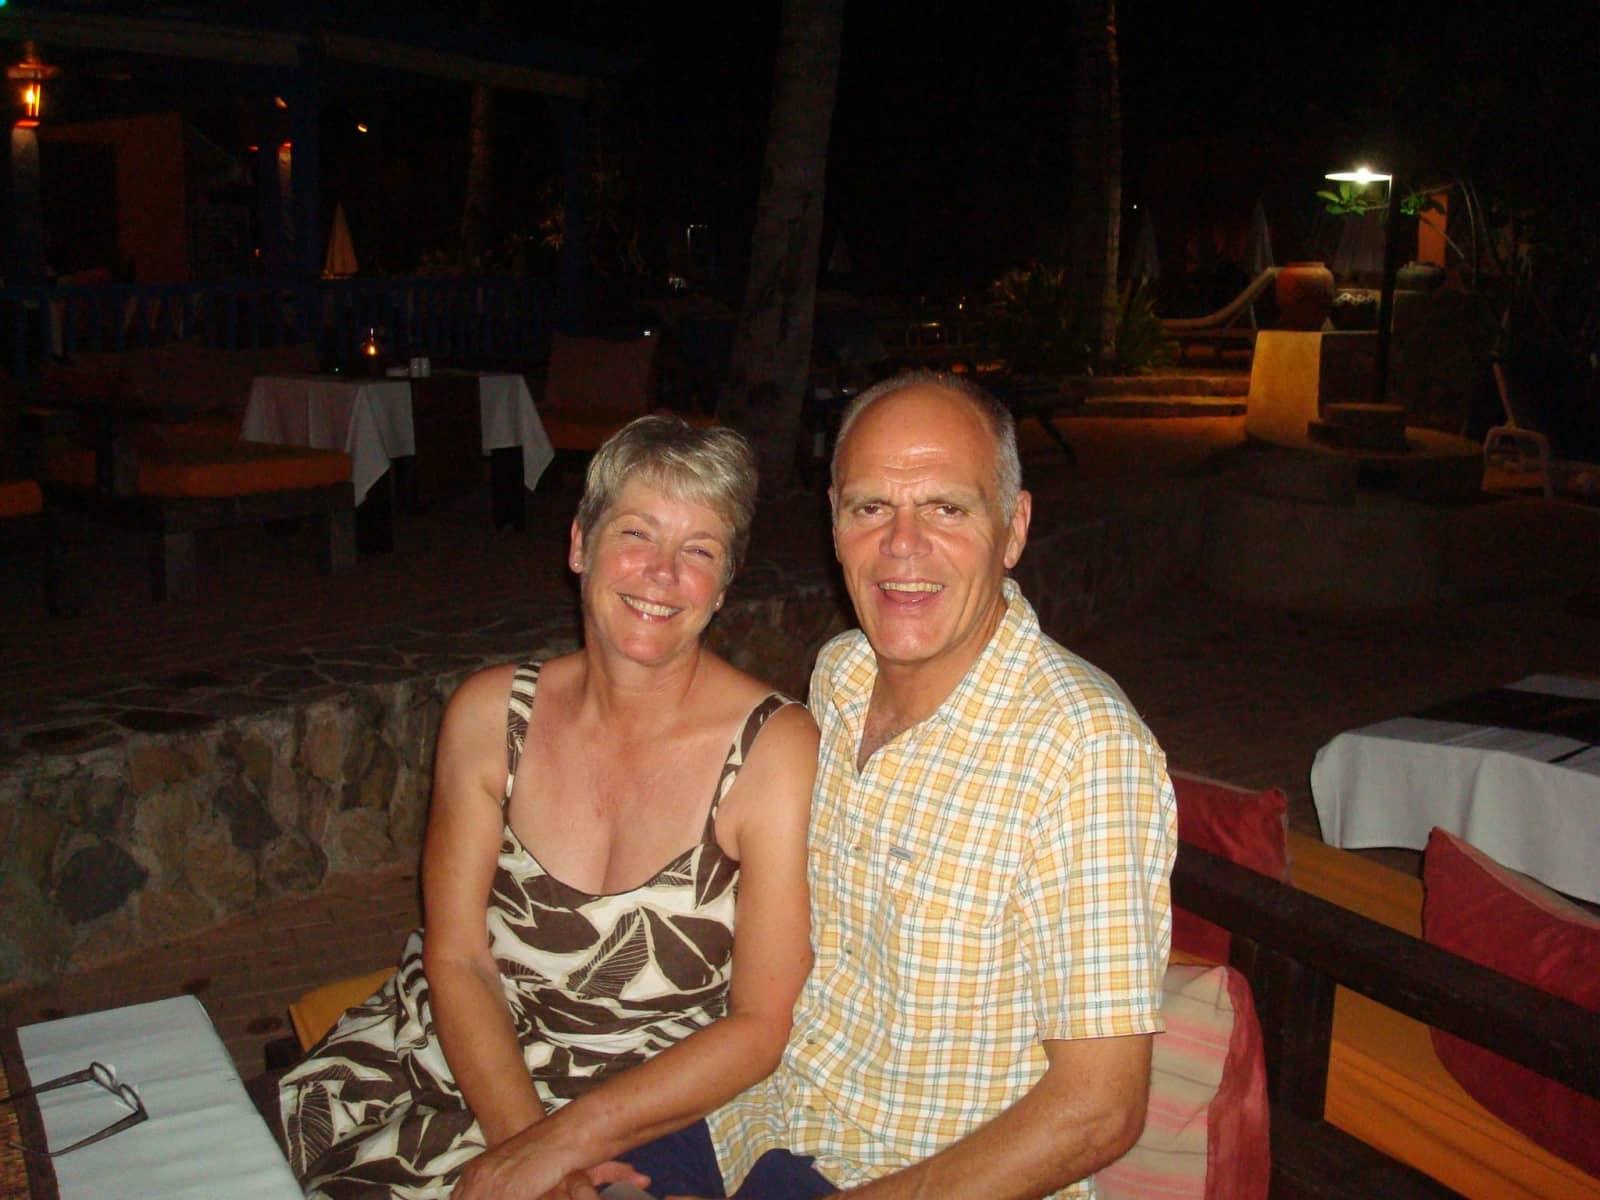 Steve & Jenny from Taupo, New Zealand